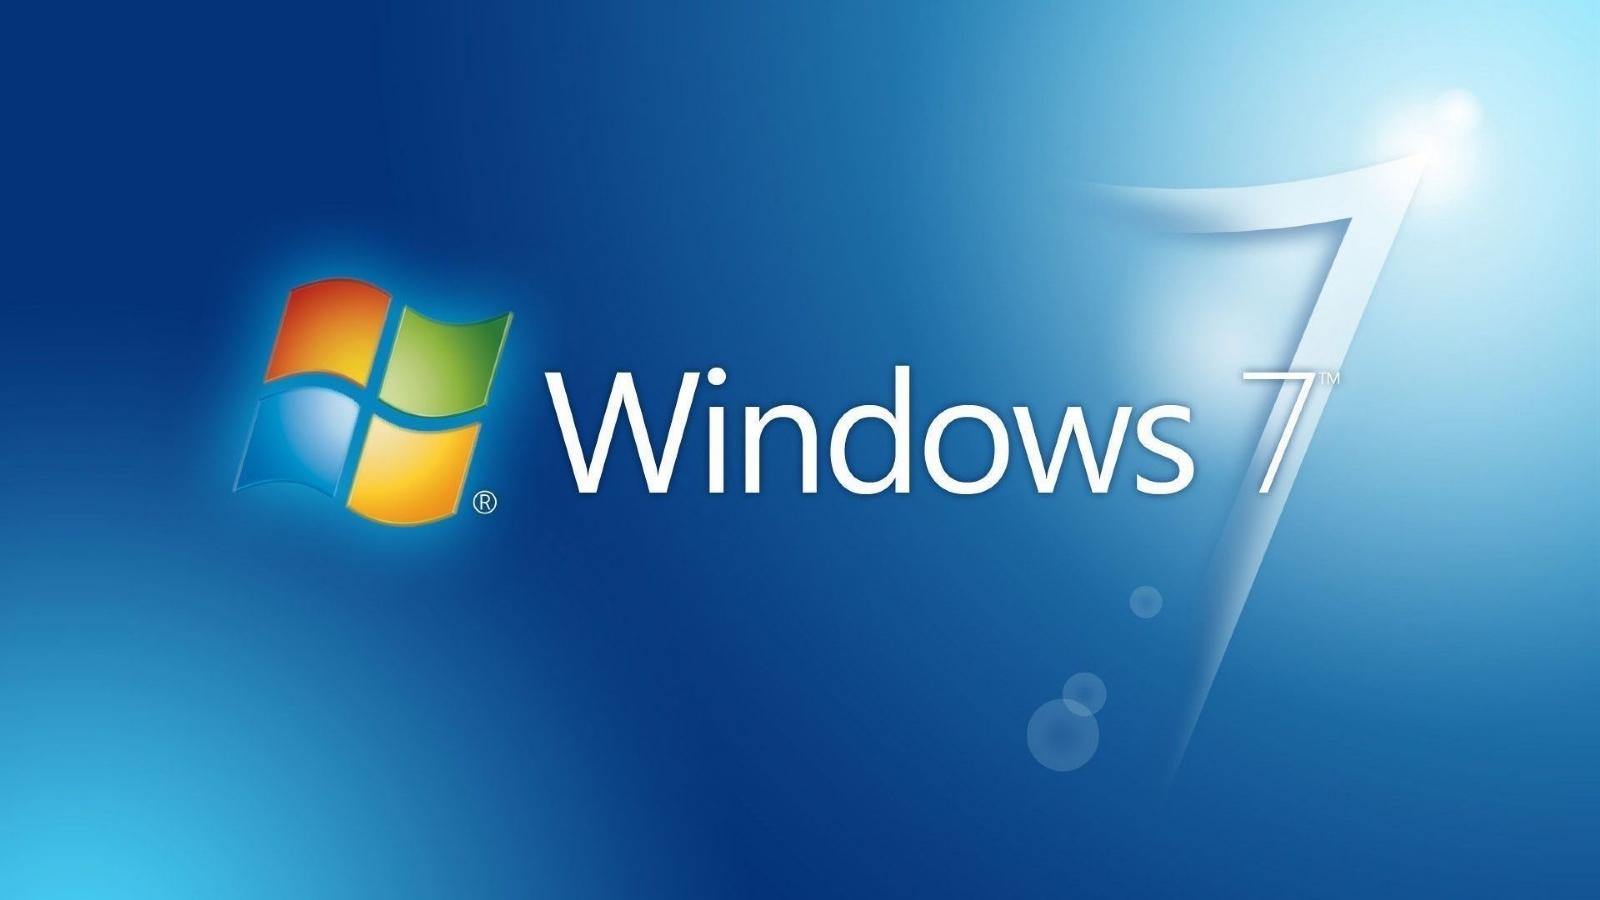 1600X900 Wallpaper Windows 7 Widescreen HD Wallpapers 1600x900